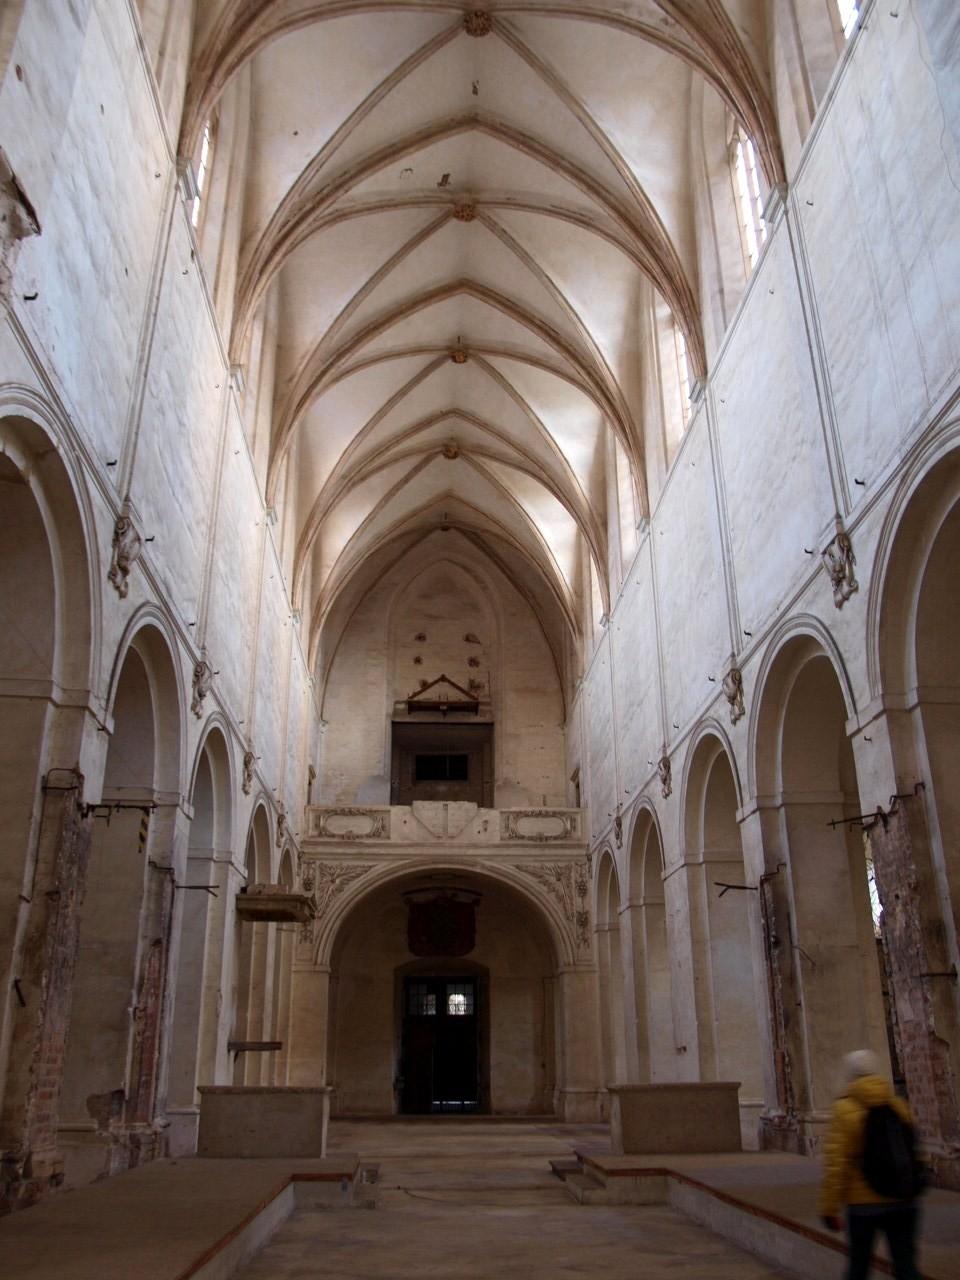 klasztorny kościół w lubiążu